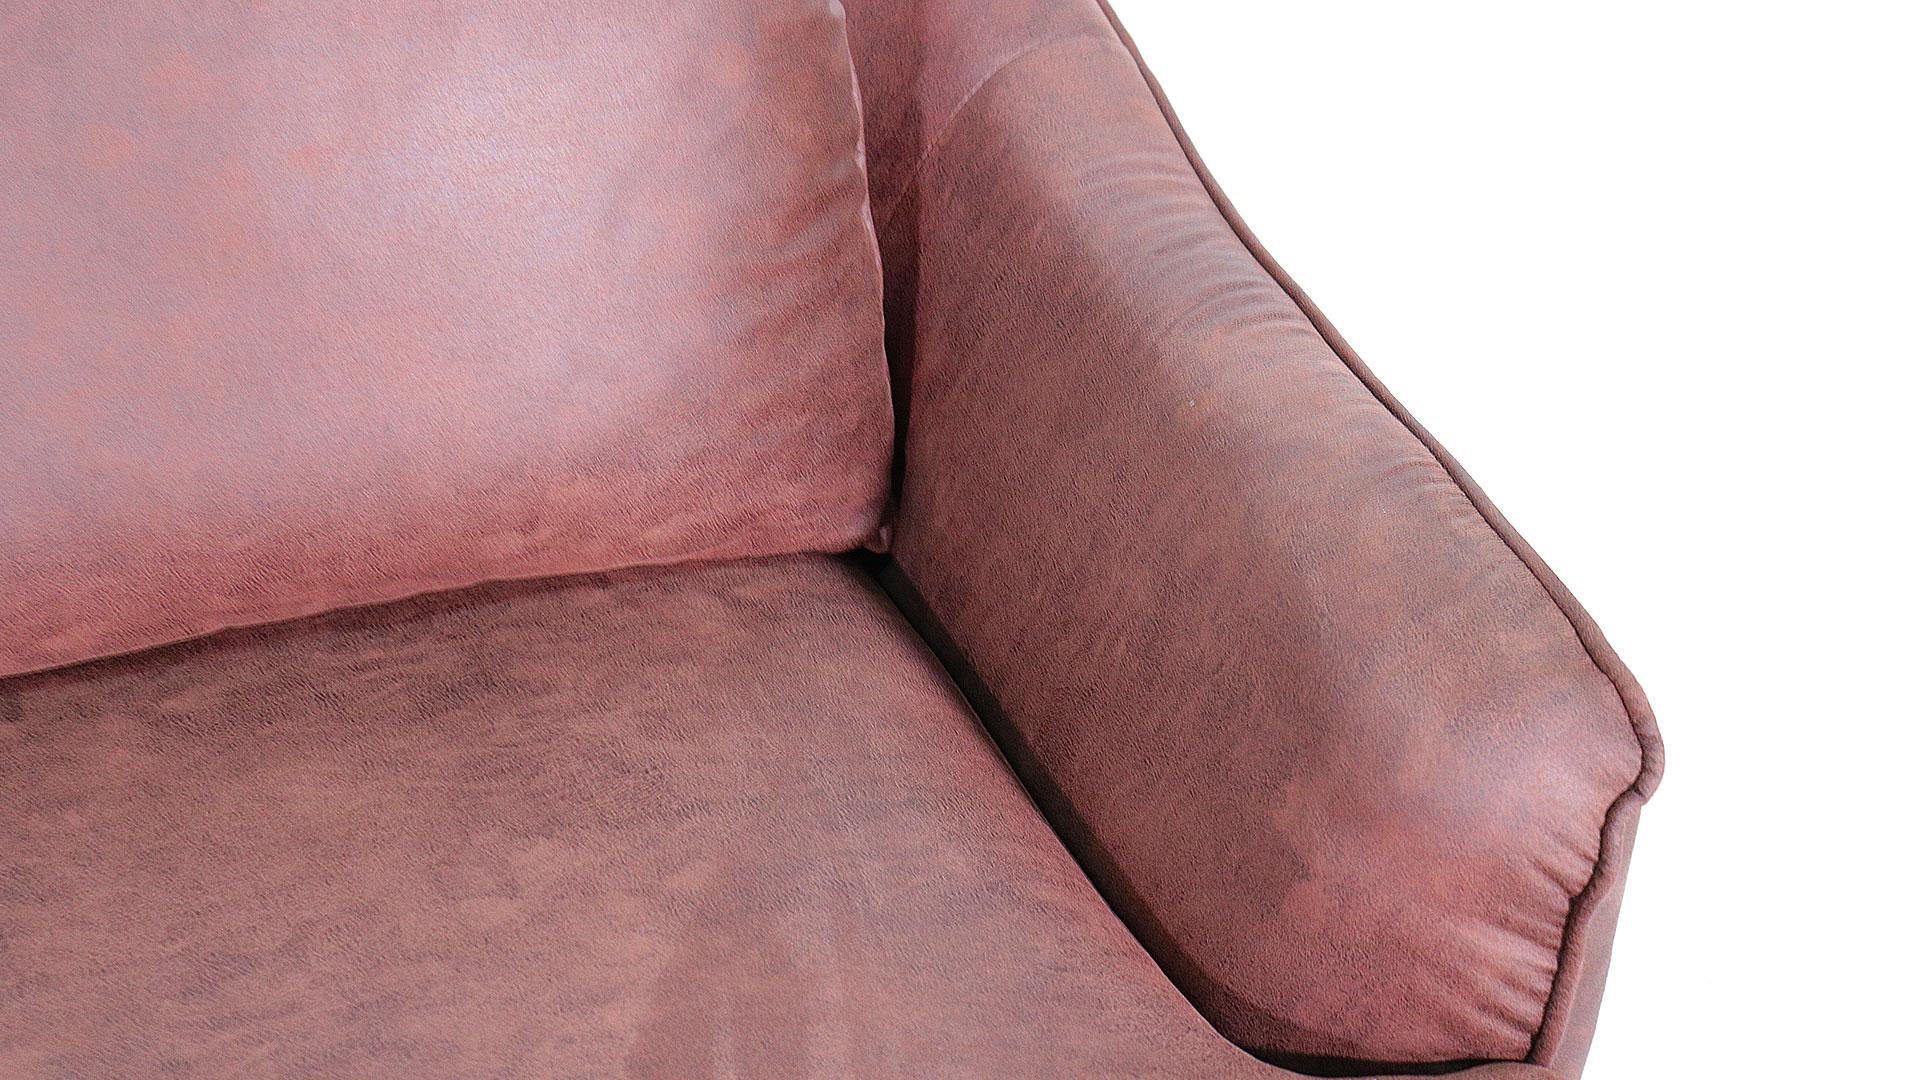 ゆったりと座れるask-inのカウチソファ「モラレス」の左肘カウチの肘部分の画像